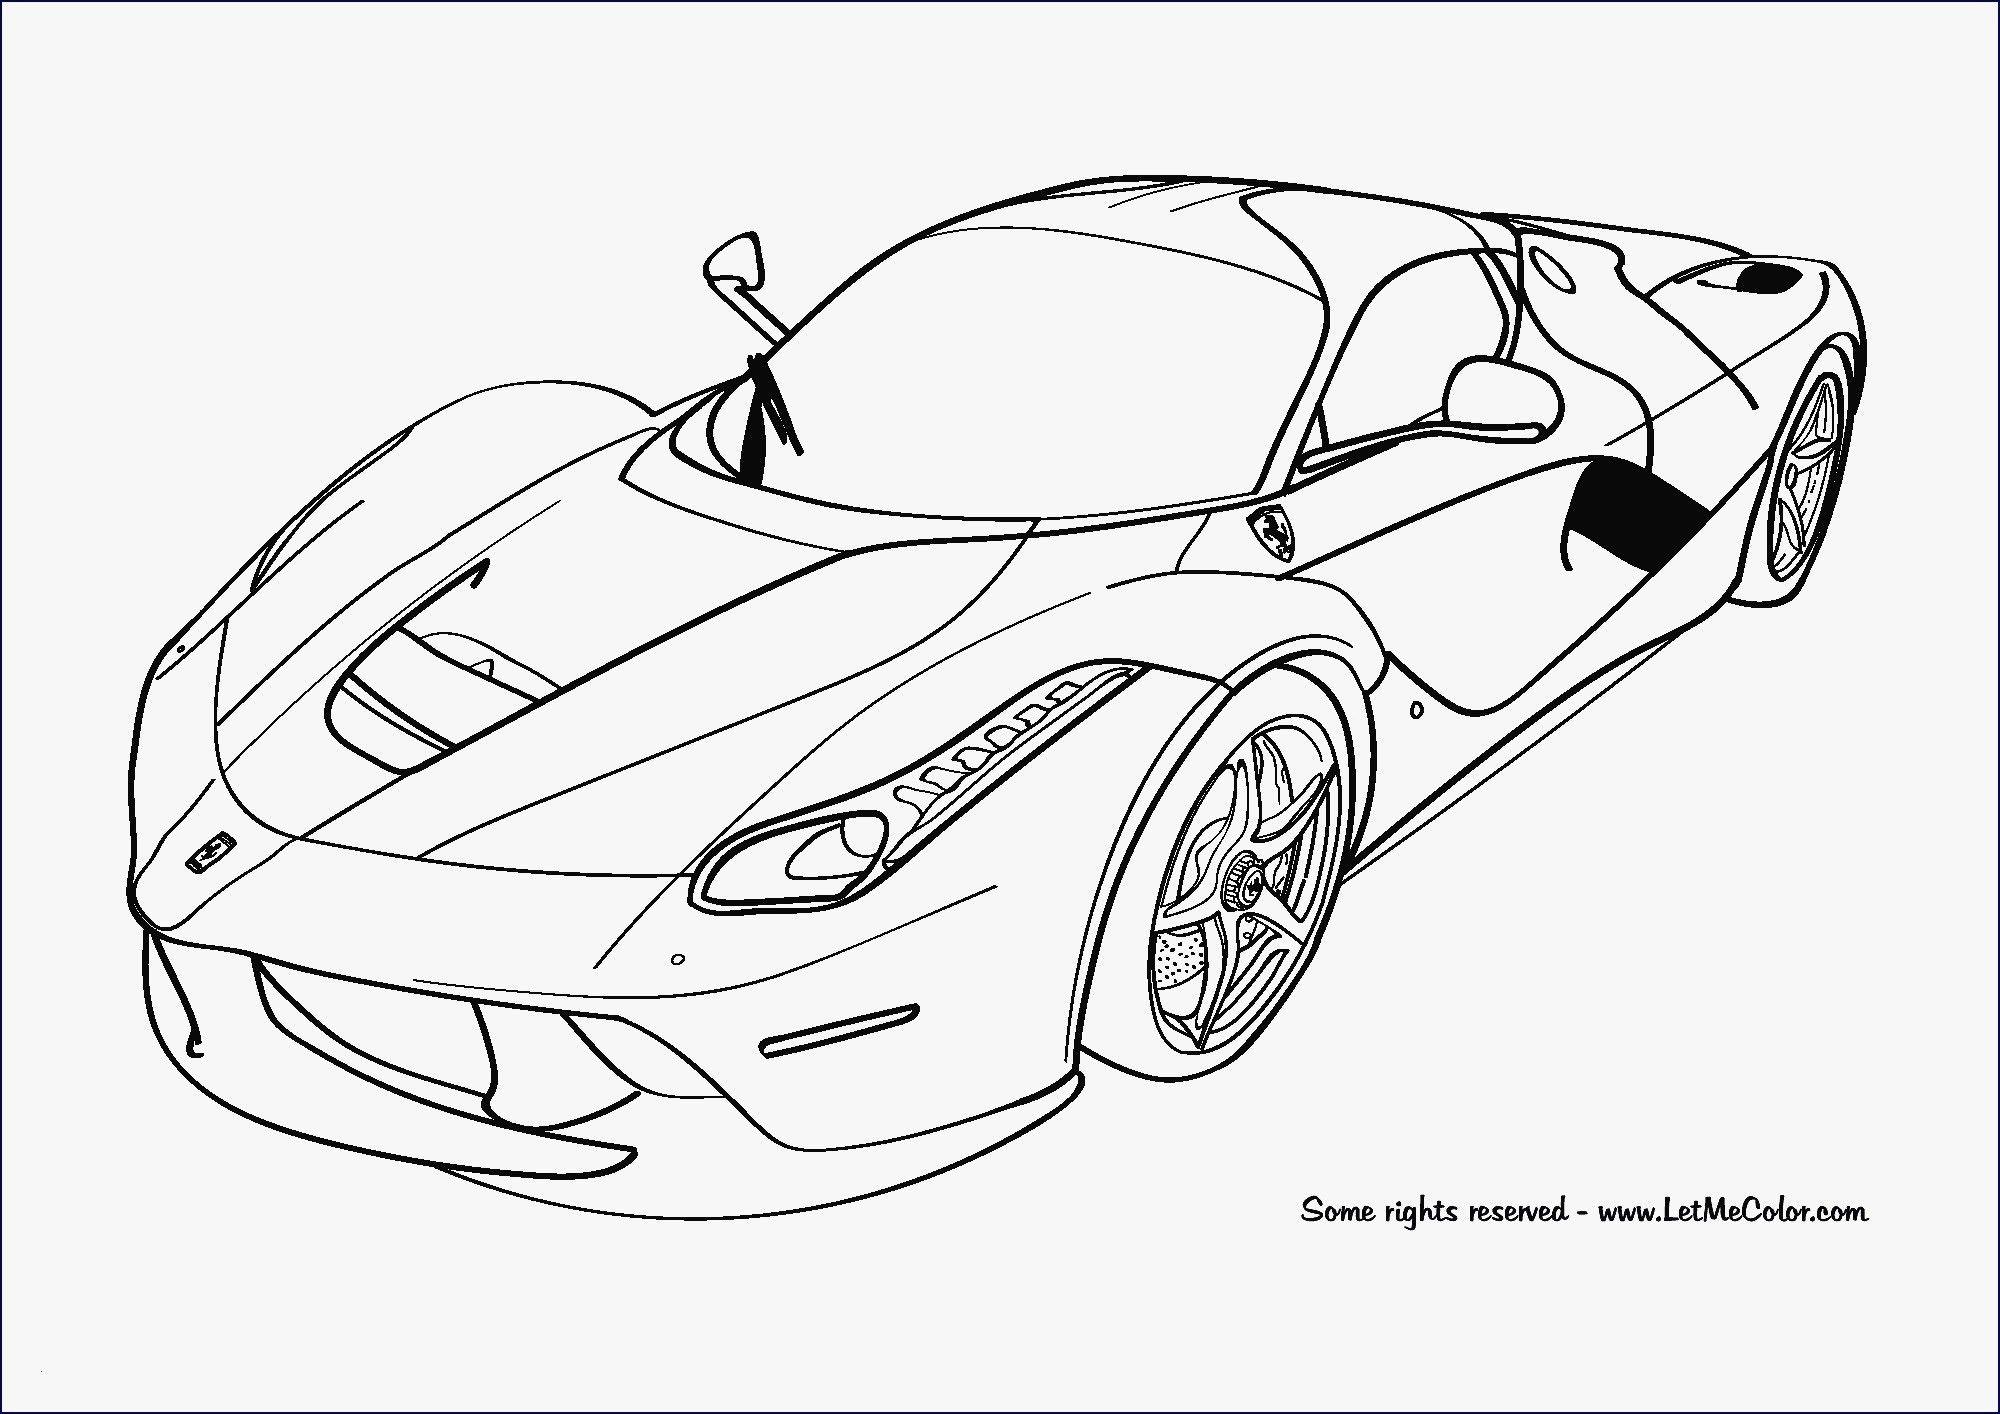 Frisch Rennauto Zum Ausmalen Malvorlagen Malvorlagenfurkinder Malvorlagenfurerwachsene Ausmalen Ferrari Laferrari Autos Malen